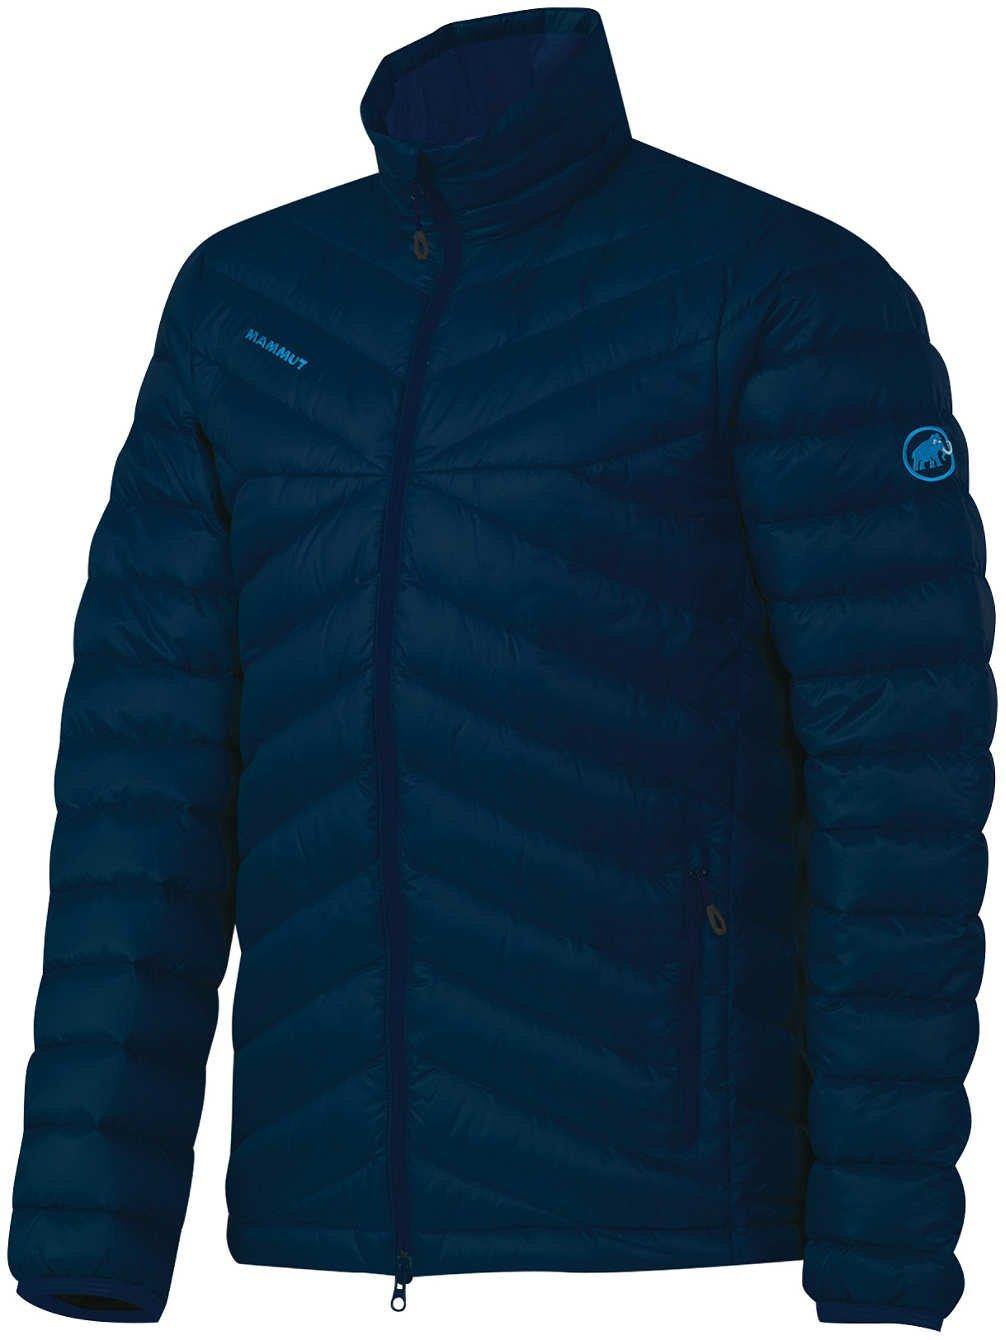 Mammut Trovat IS Jacket Men red 2016 winter jacket